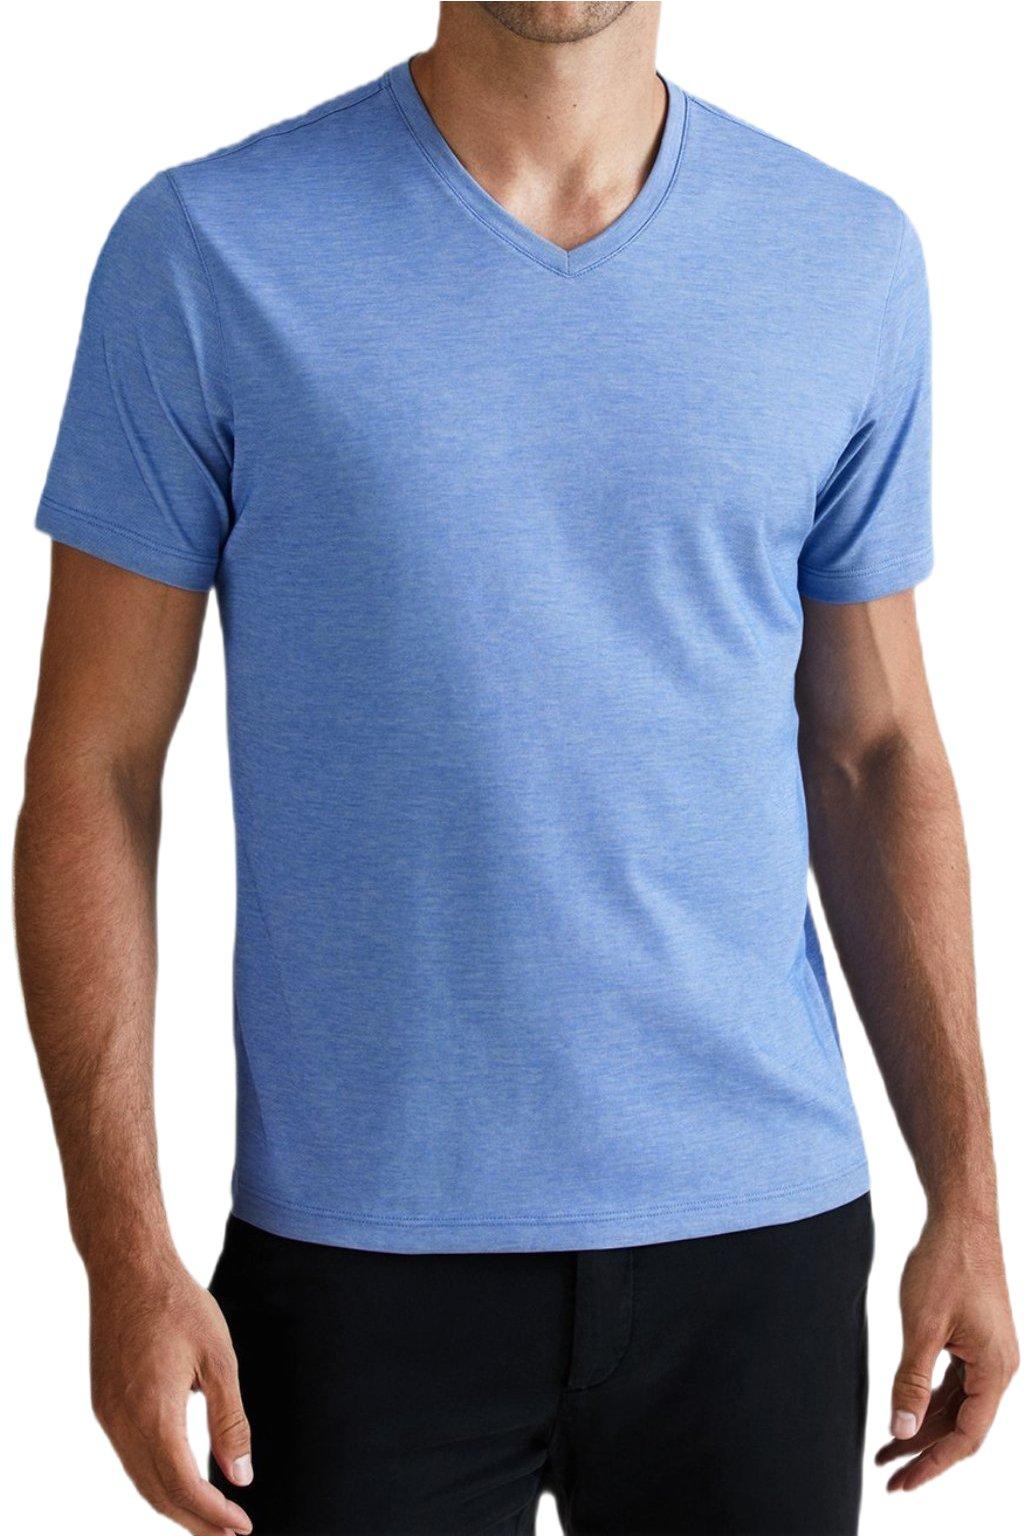 Pánské triko Cornette Hight Emotion 531 light blue